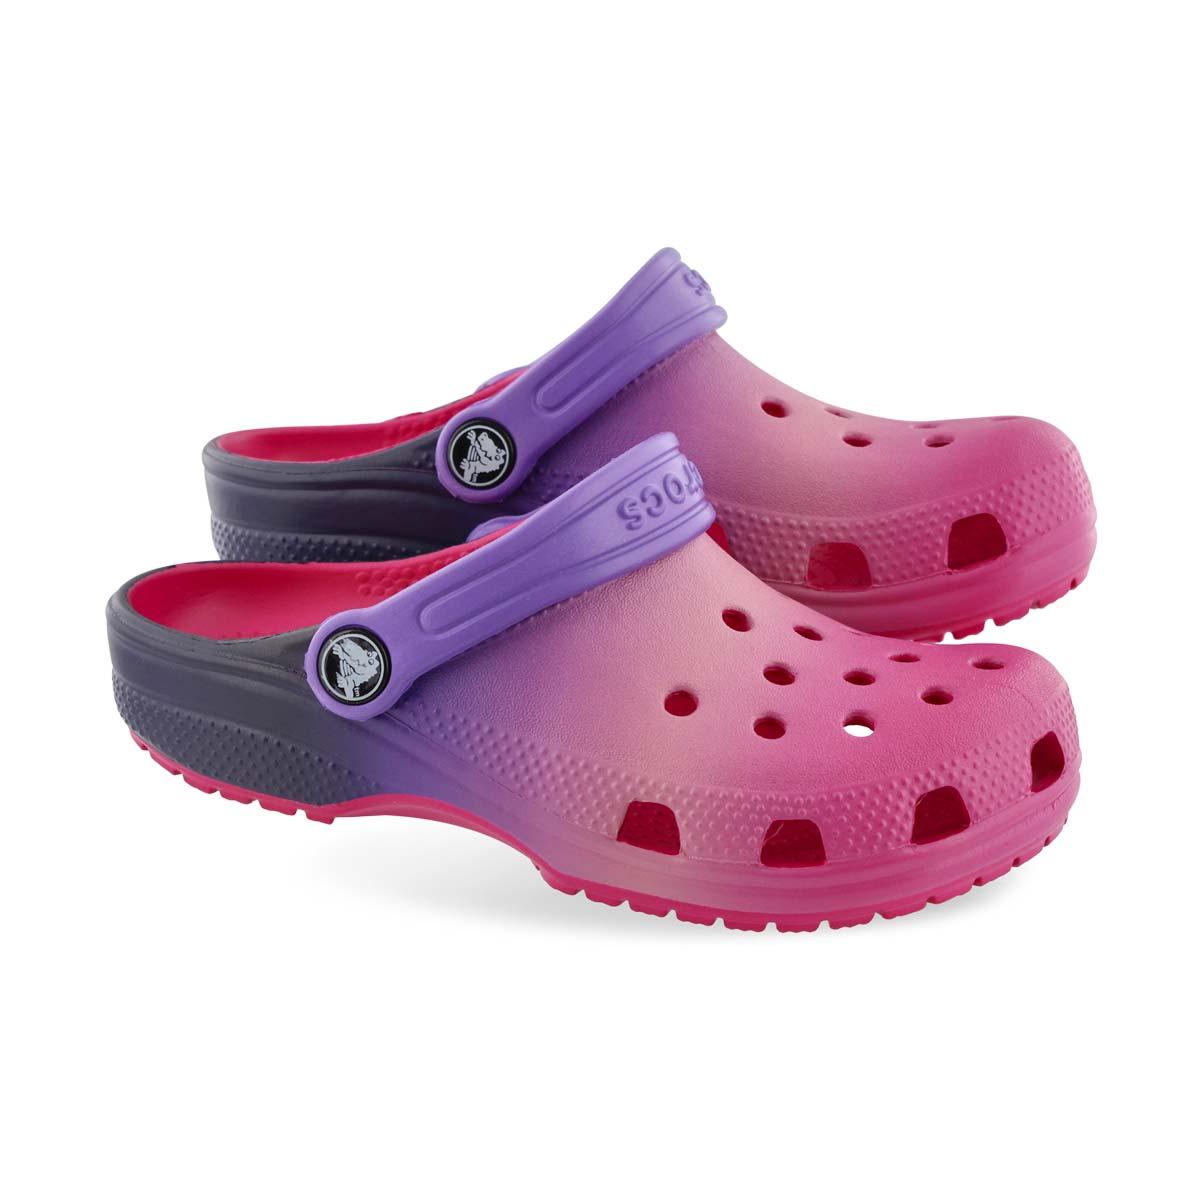 Grls Classic Ombre pink EVA comfort clog